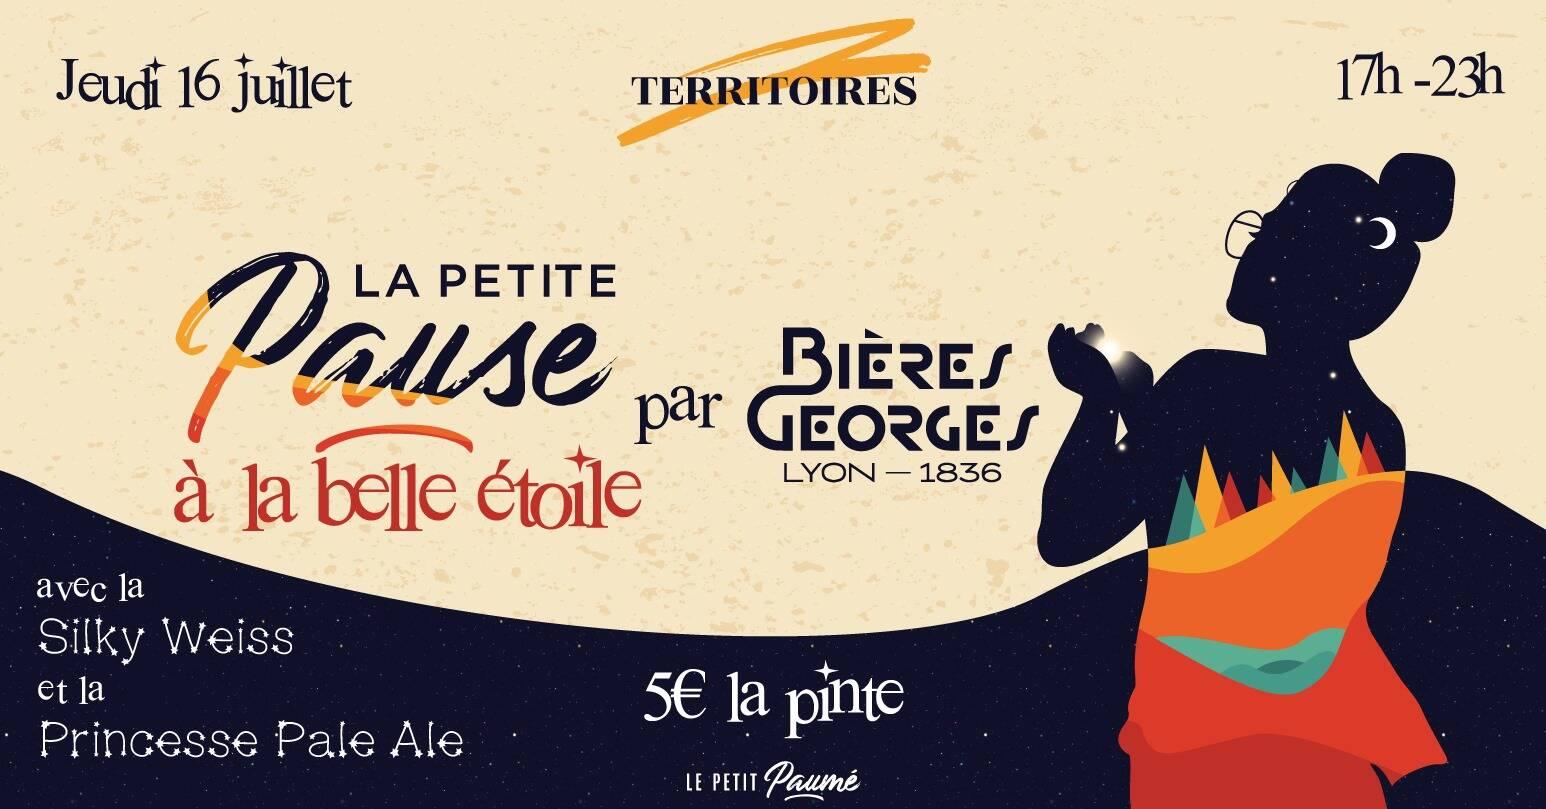 La Petite Pause x Bières Georges l La Petite Pause à la Belle Étoile